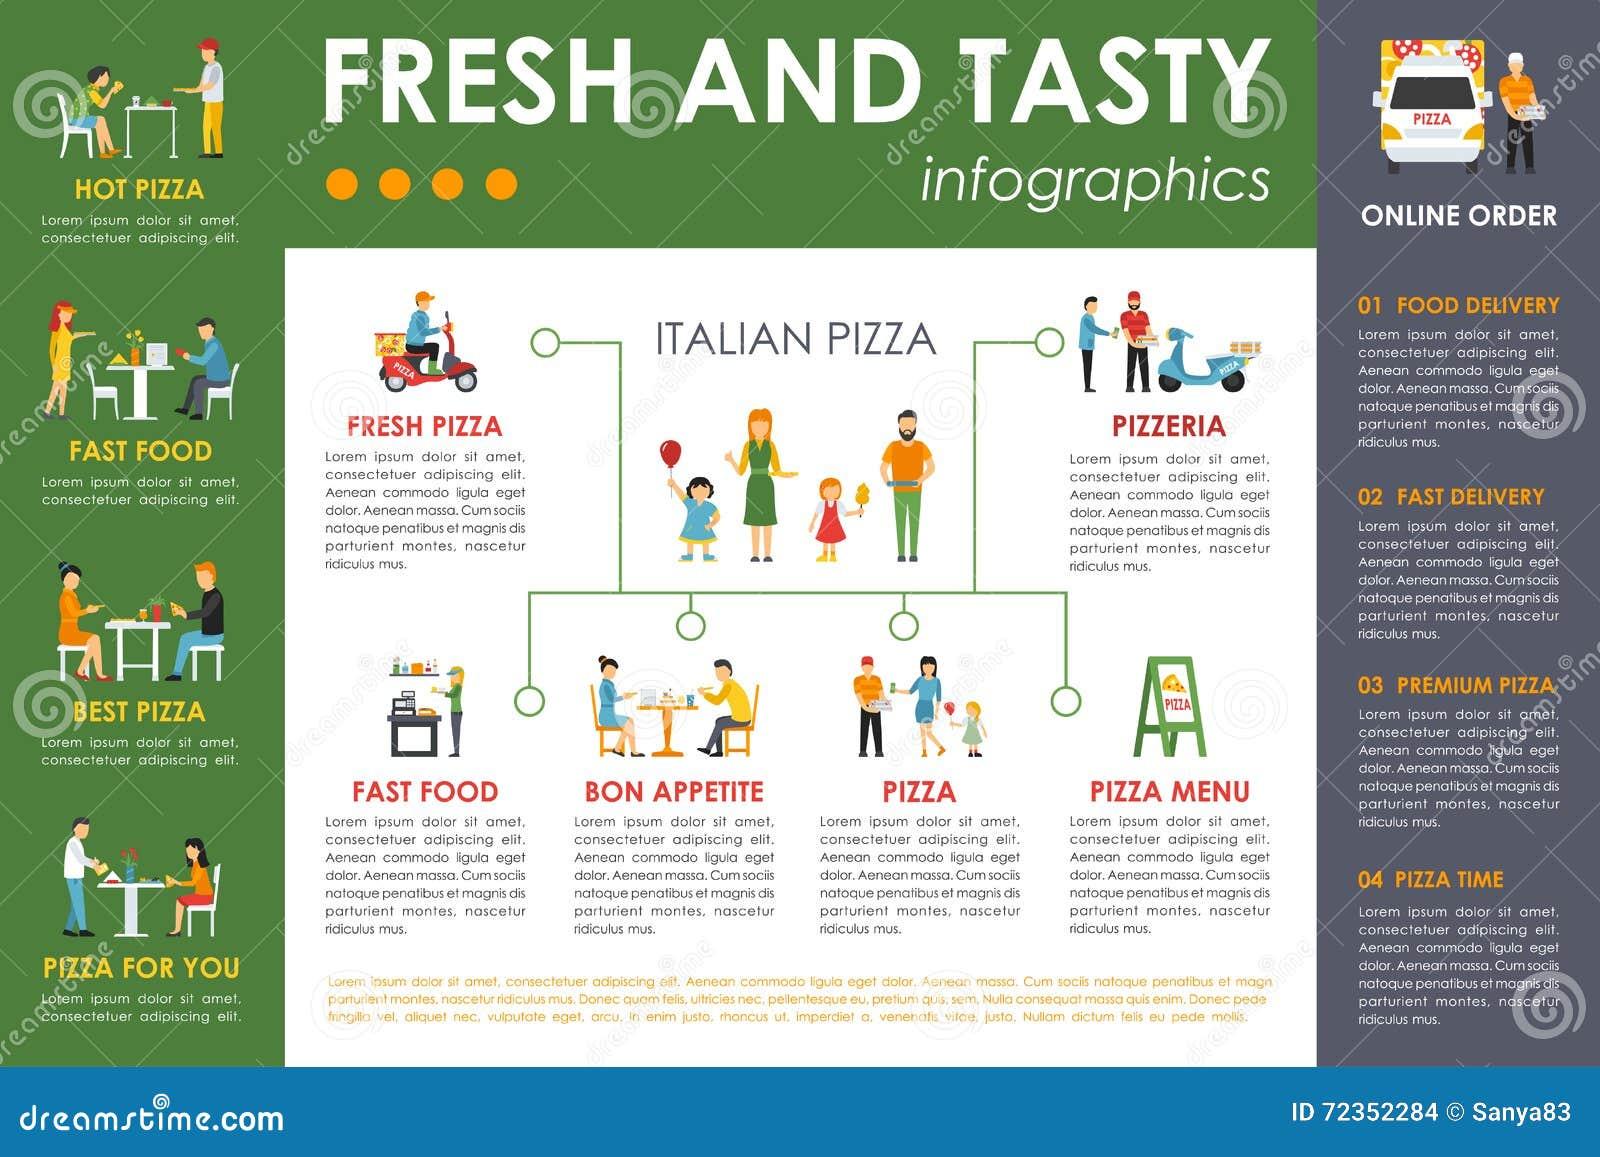 新鲜和鲜美薄饼infographics 平的概念网传染媒介例证 比萨店介绍